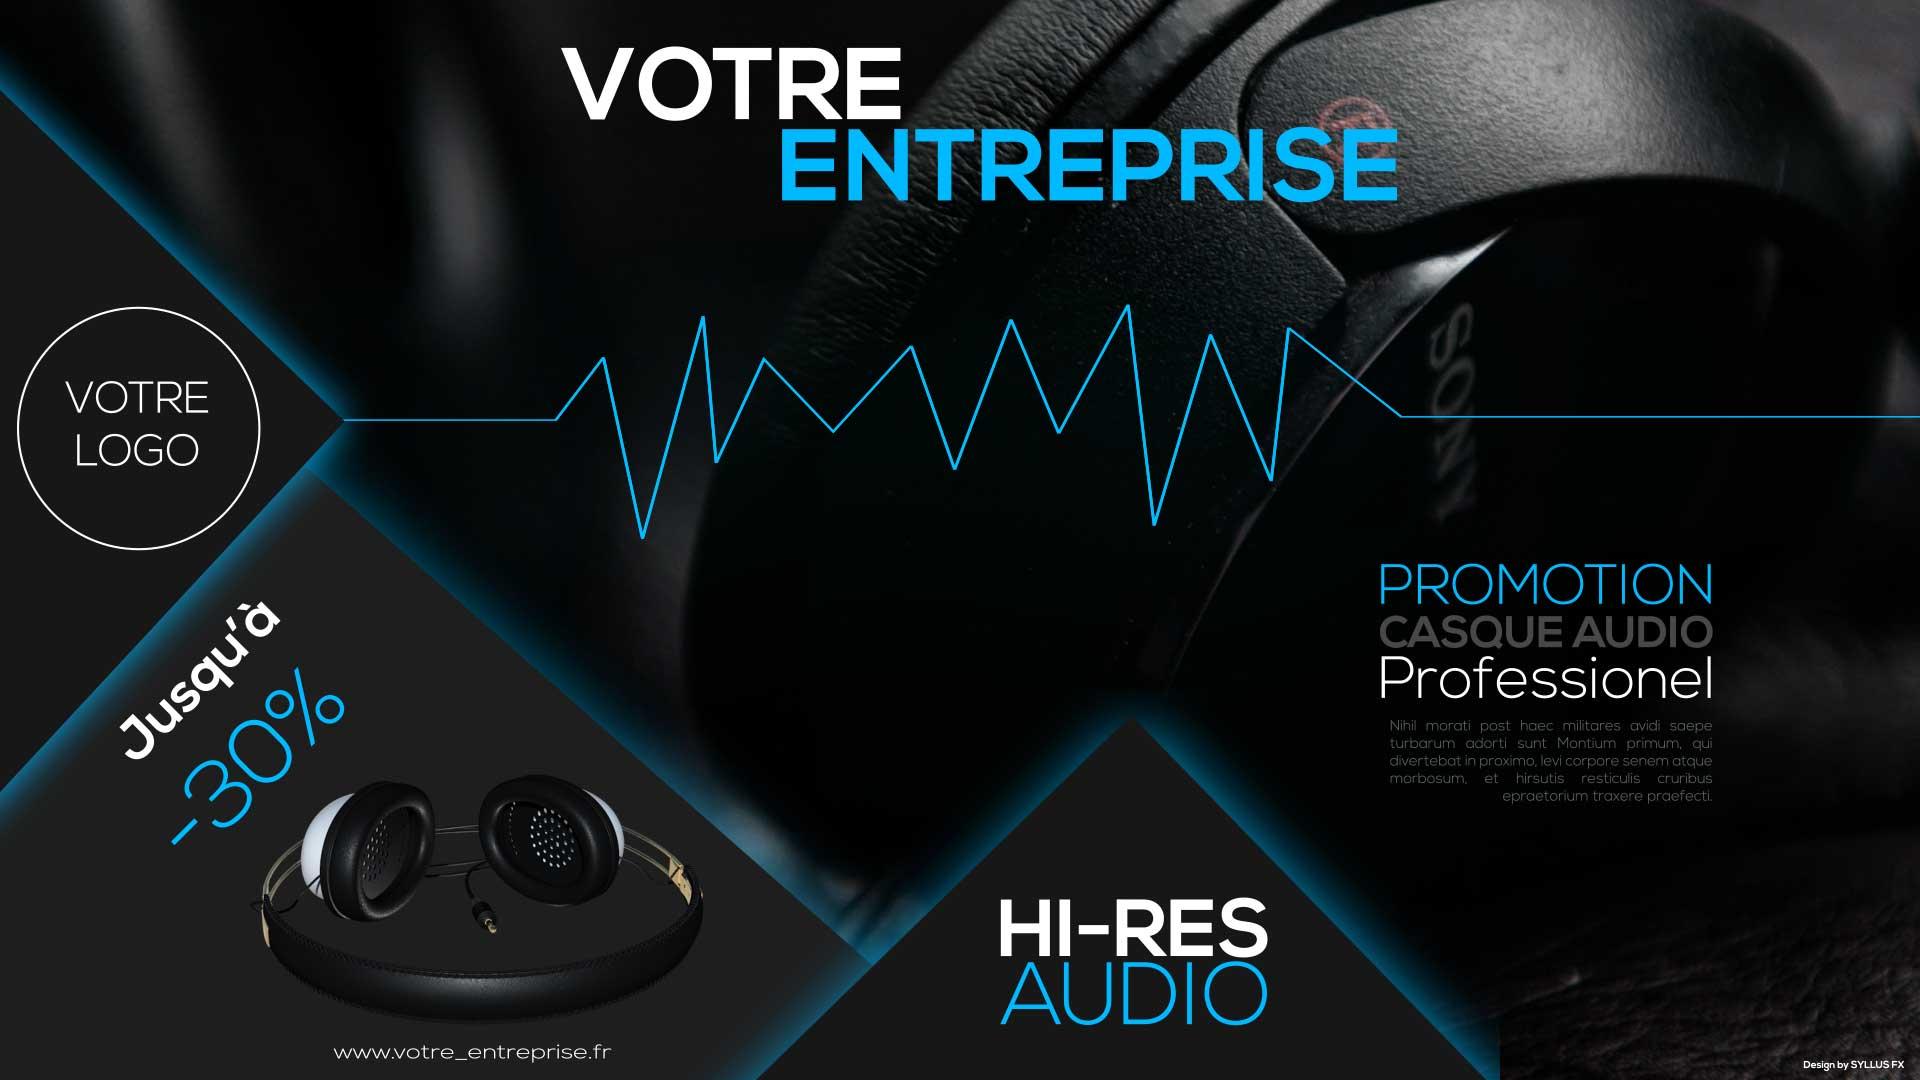 image Template Hi-Res Audio 004l-min